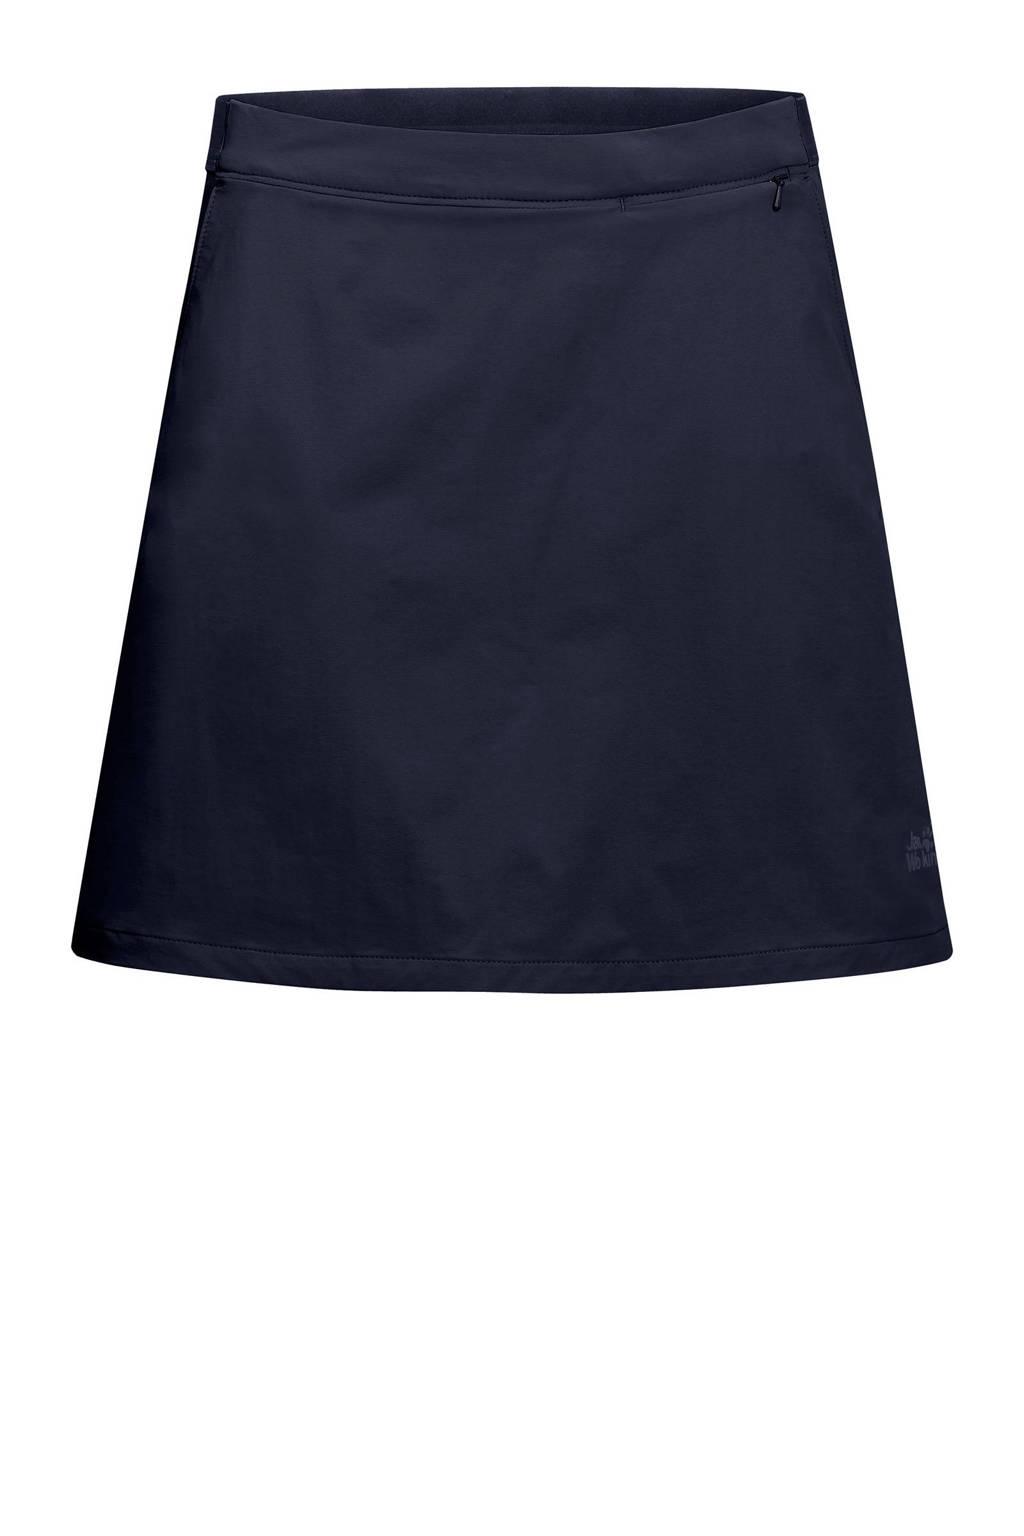 Jack Wolfskin outdoor rok donkerblauw, Midnight-Blue